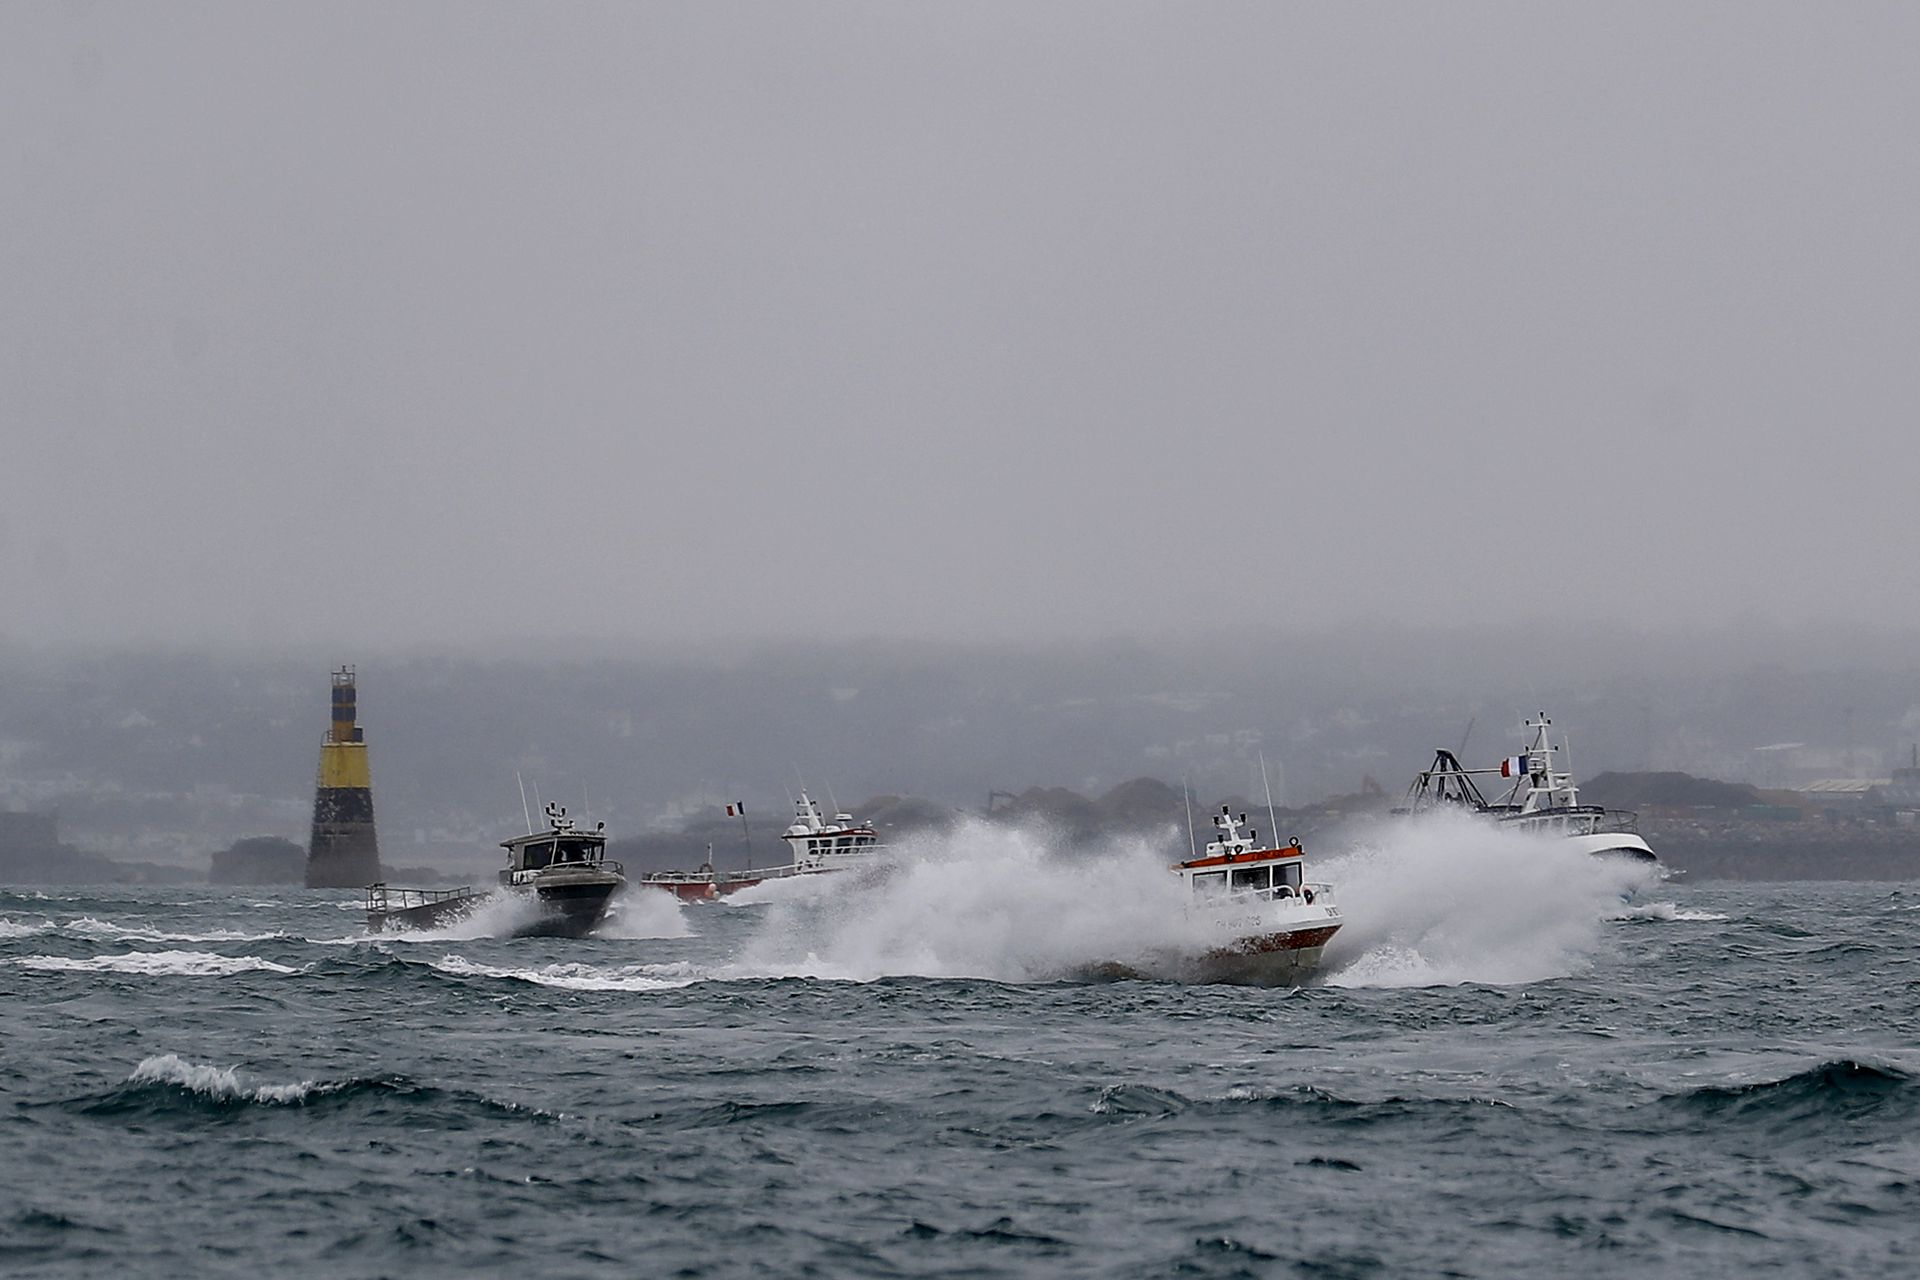 Los barcos se concentraron frente al puerto de Saint Helier para llamar la atención sobre lo que consideran restricciones injustas sobre la pesca en aguas del Reino Unido después del Brexit